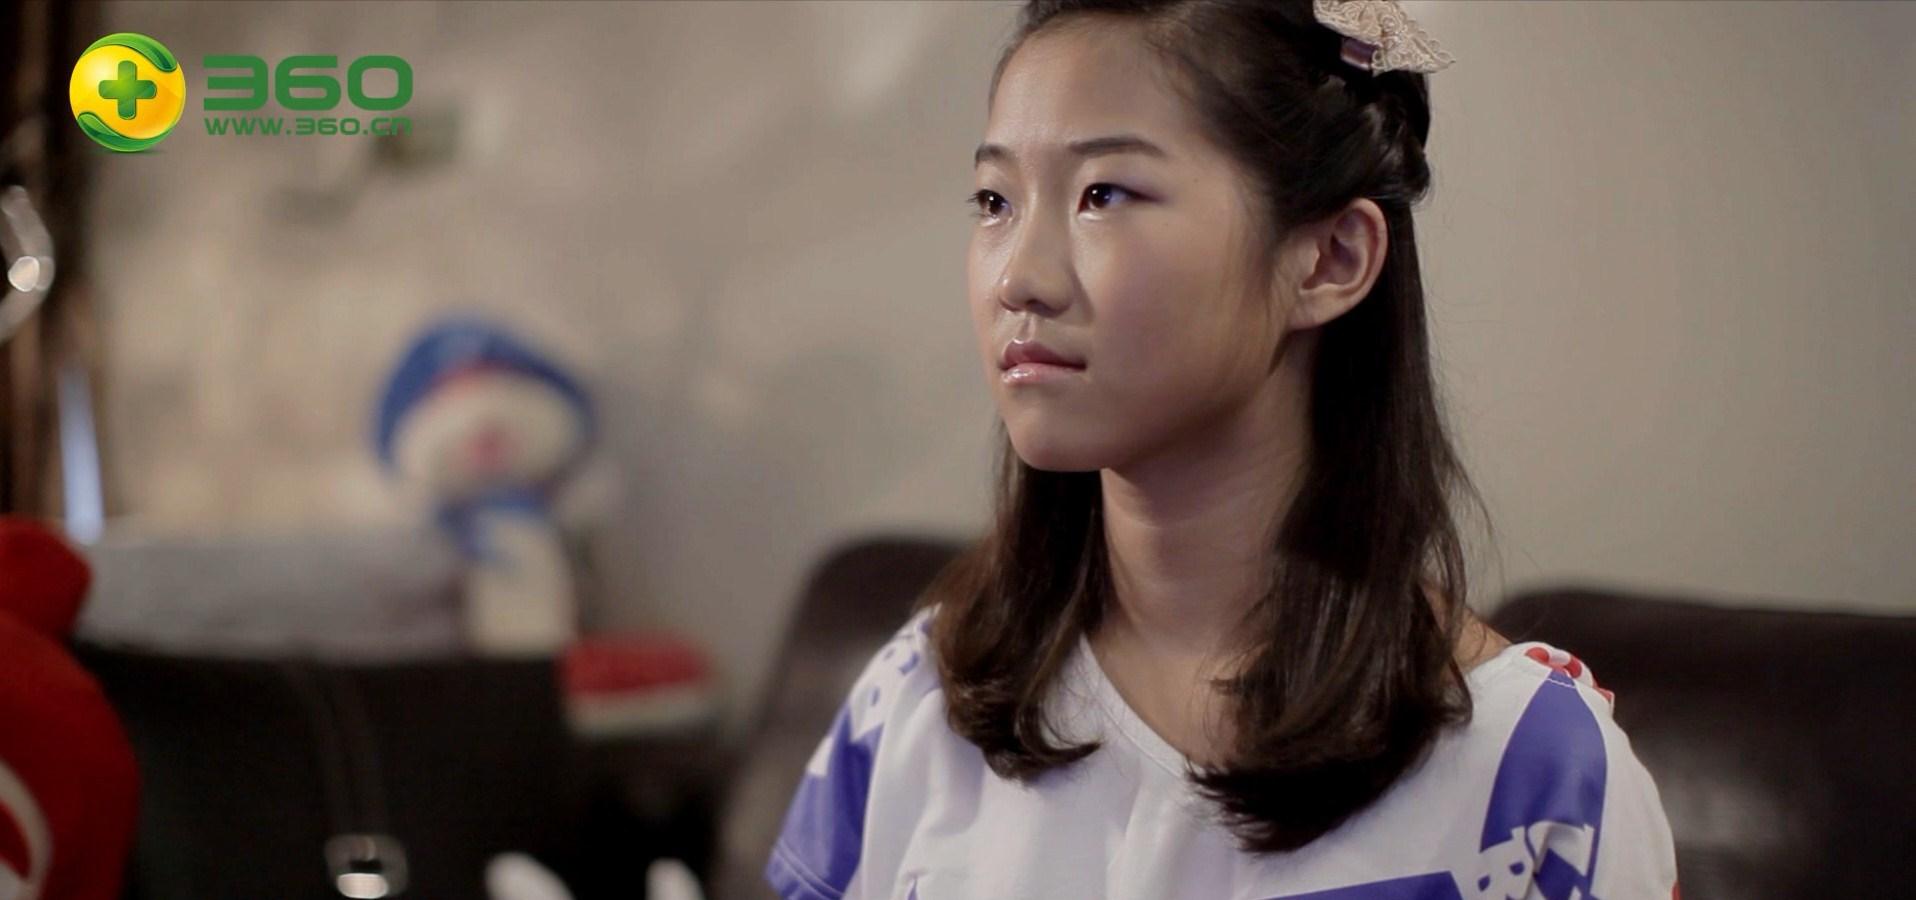 360猎网直播厅:16岁少女巧取父母网银,惨遭骗子陷阱